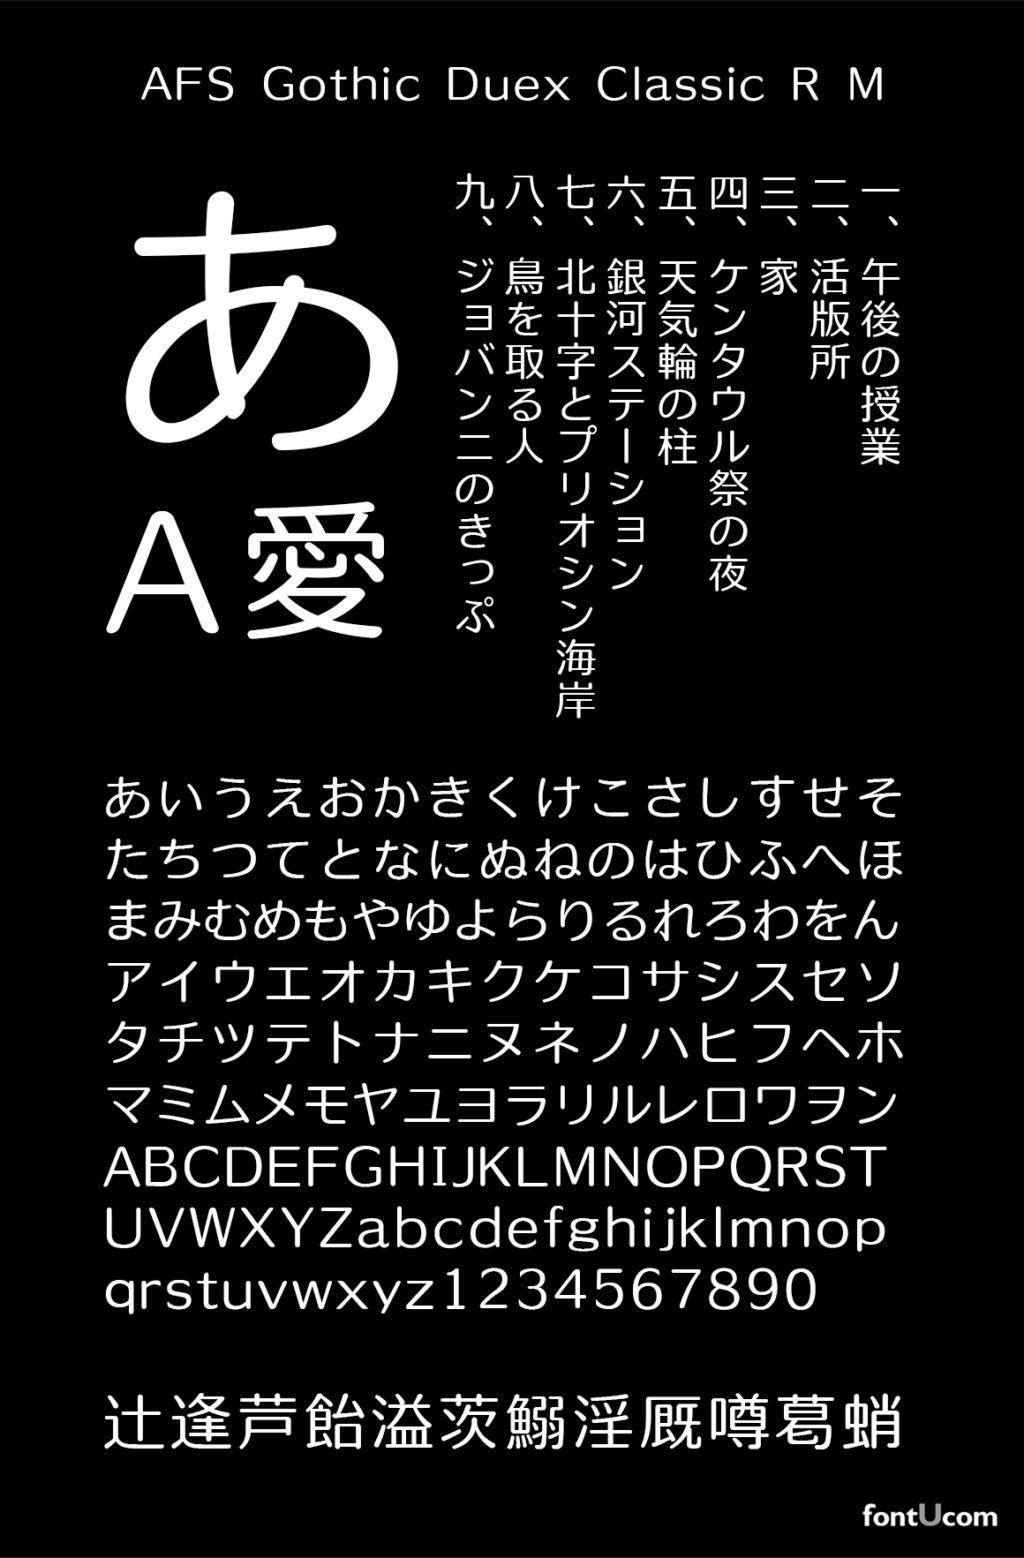 AFS GothicDuex Classic R_M